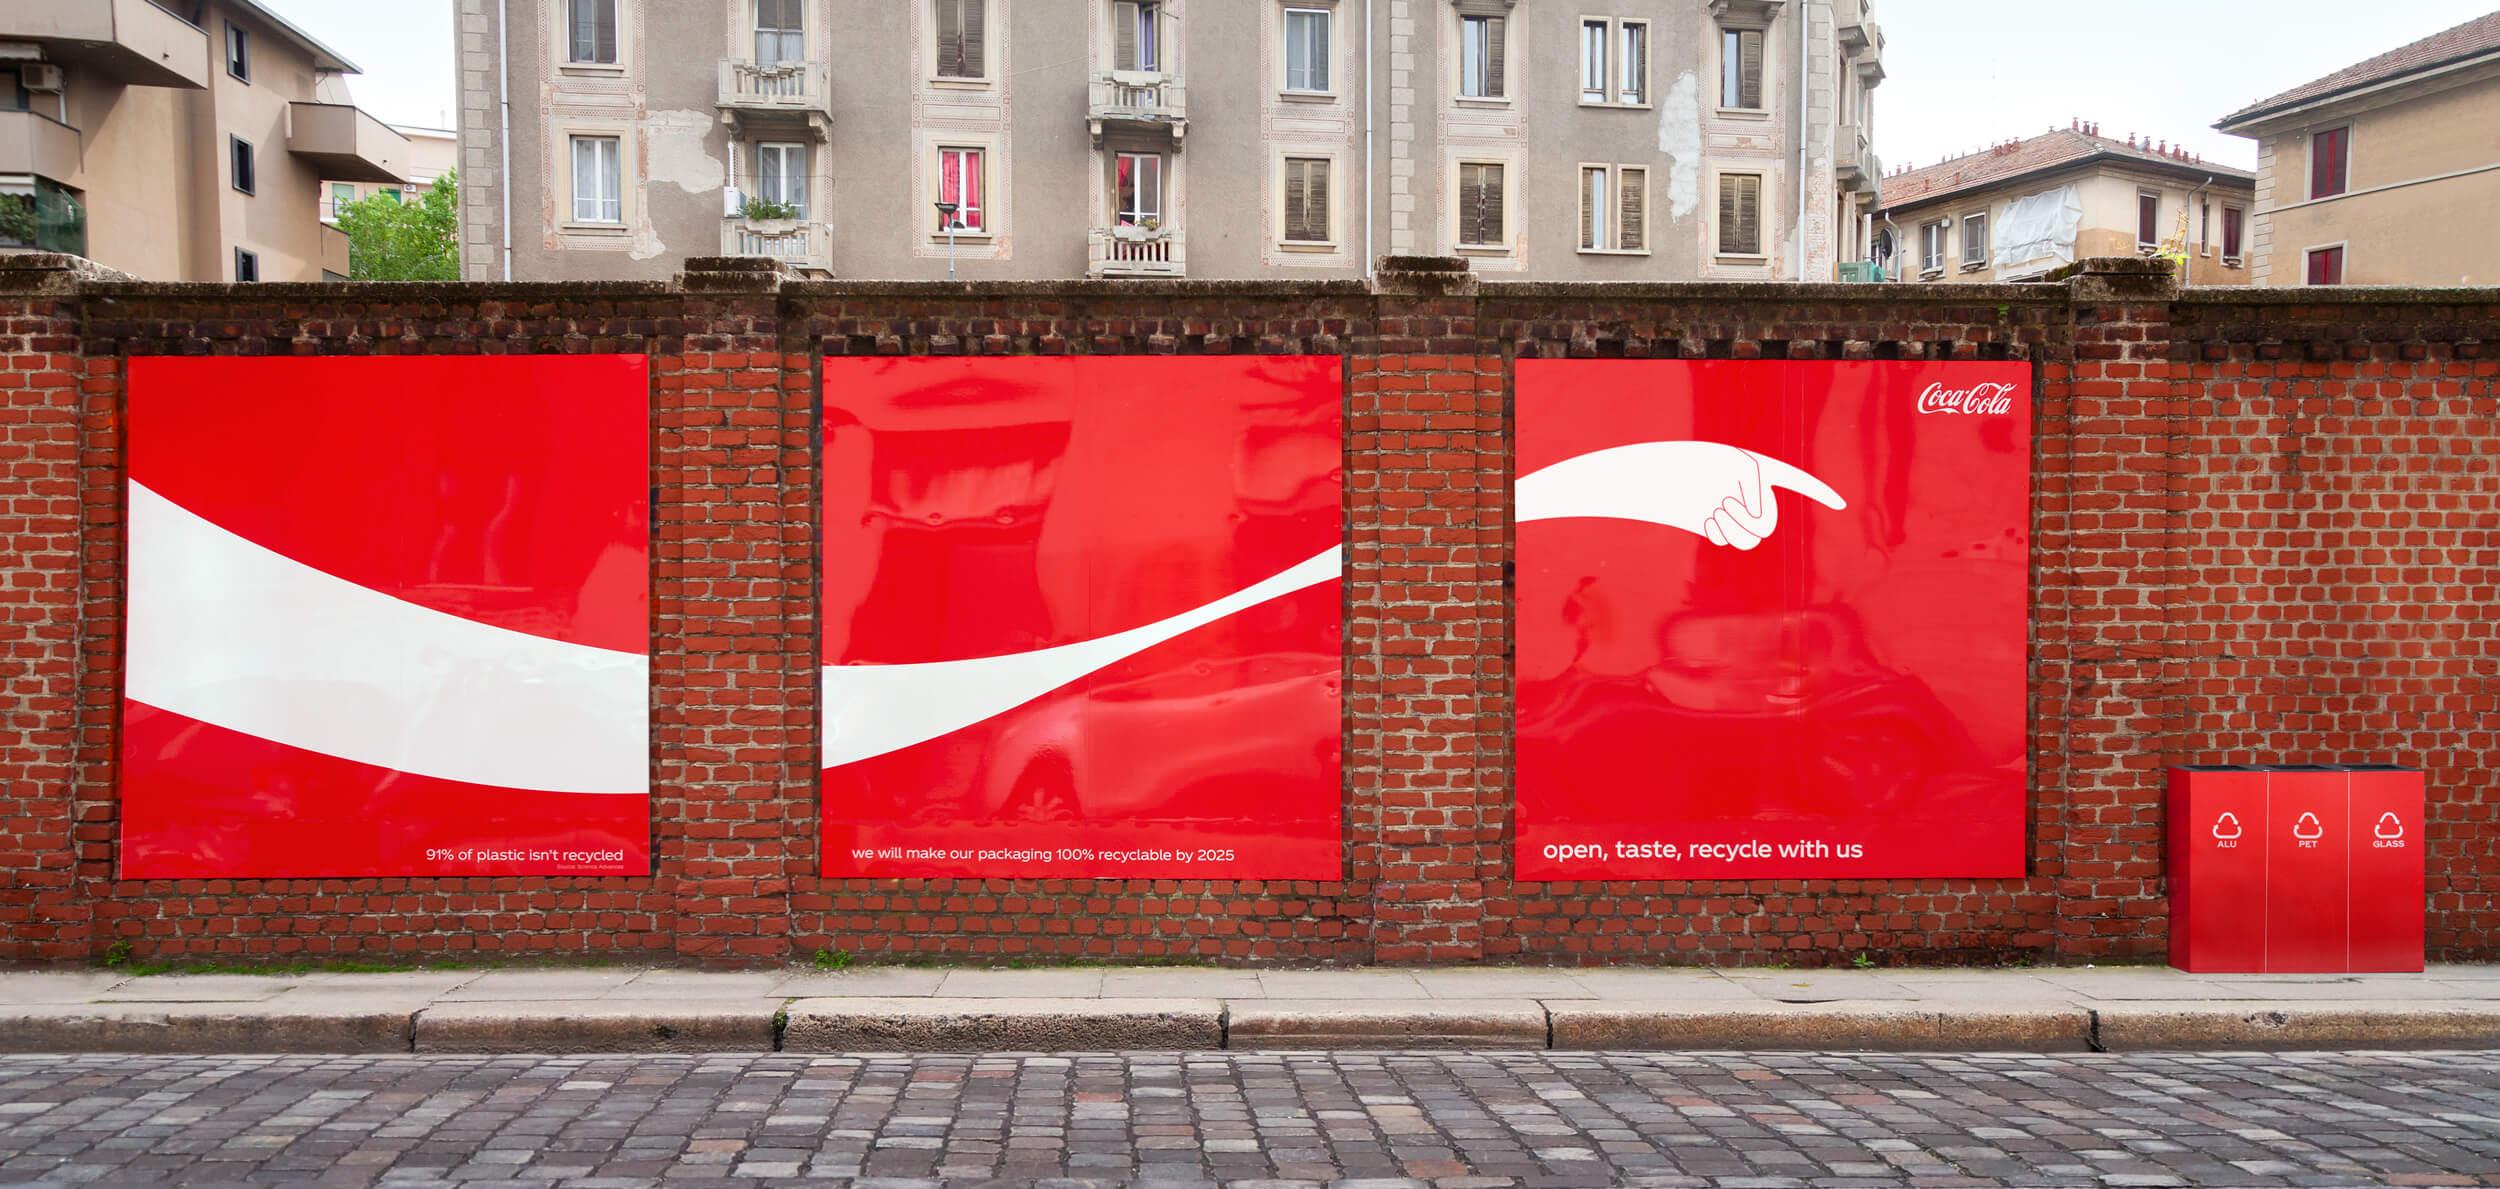 bảng quảng cáo bảo vệ môi trường của Coca Cola